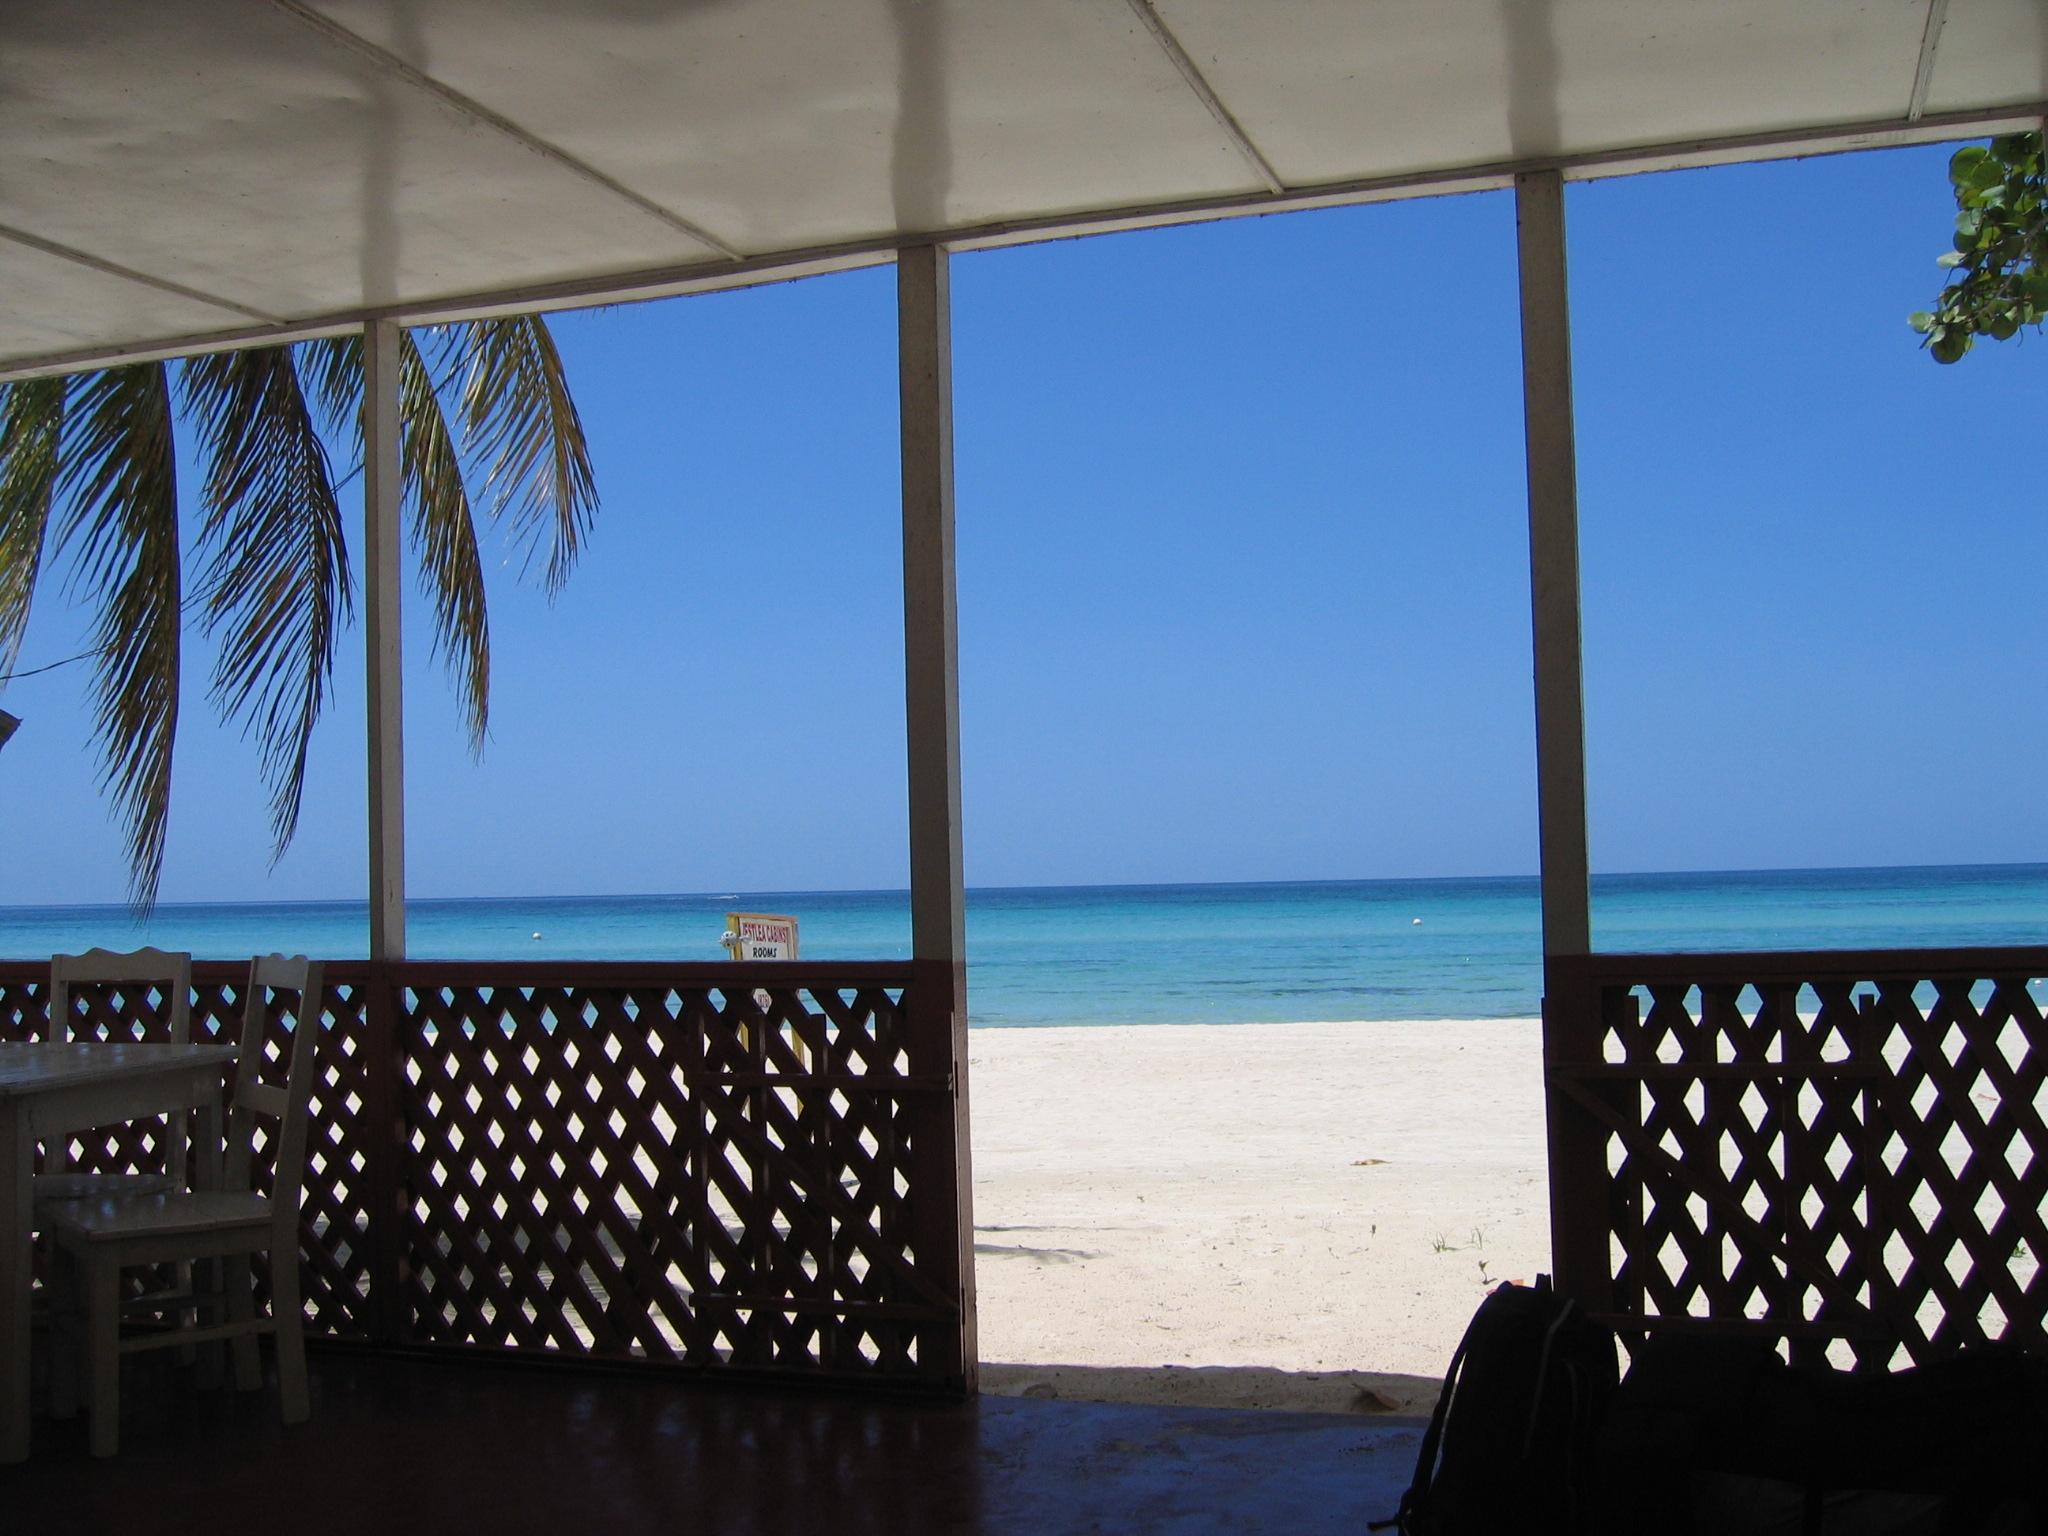 Jamaika, Karibik, Strand